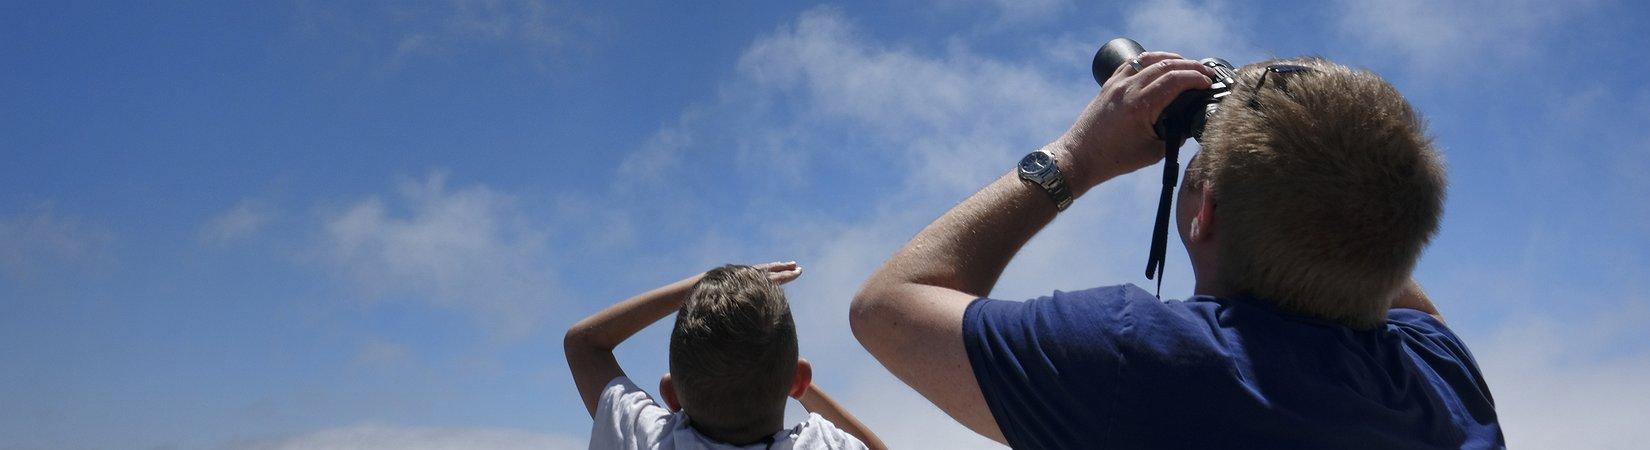 SpaceX lanza y aterriza con éxito 2 cohetes en 48 horas